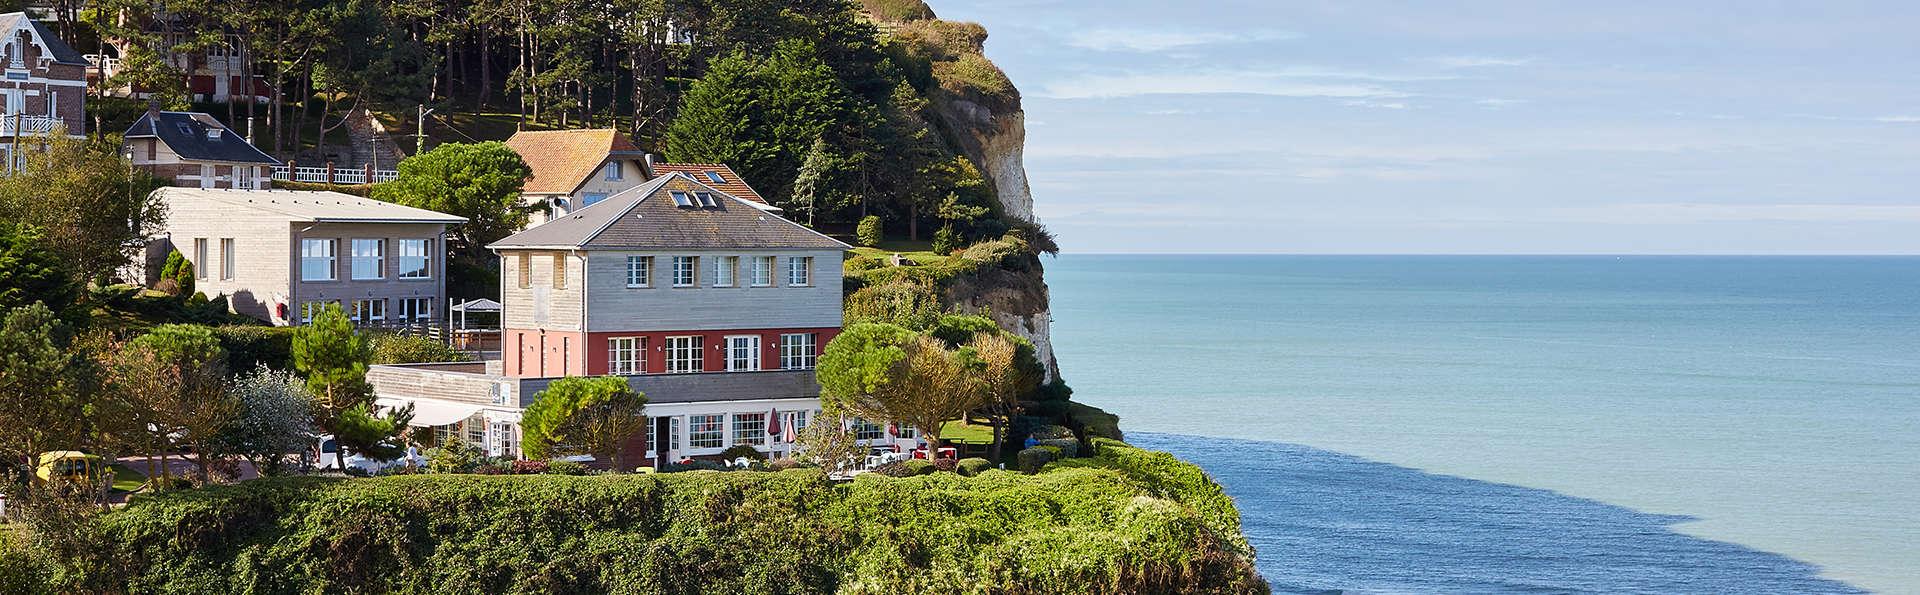 Hotel The Originals Le Cise (ex Relais du Silence) - edit_new_surroundings1.jpg